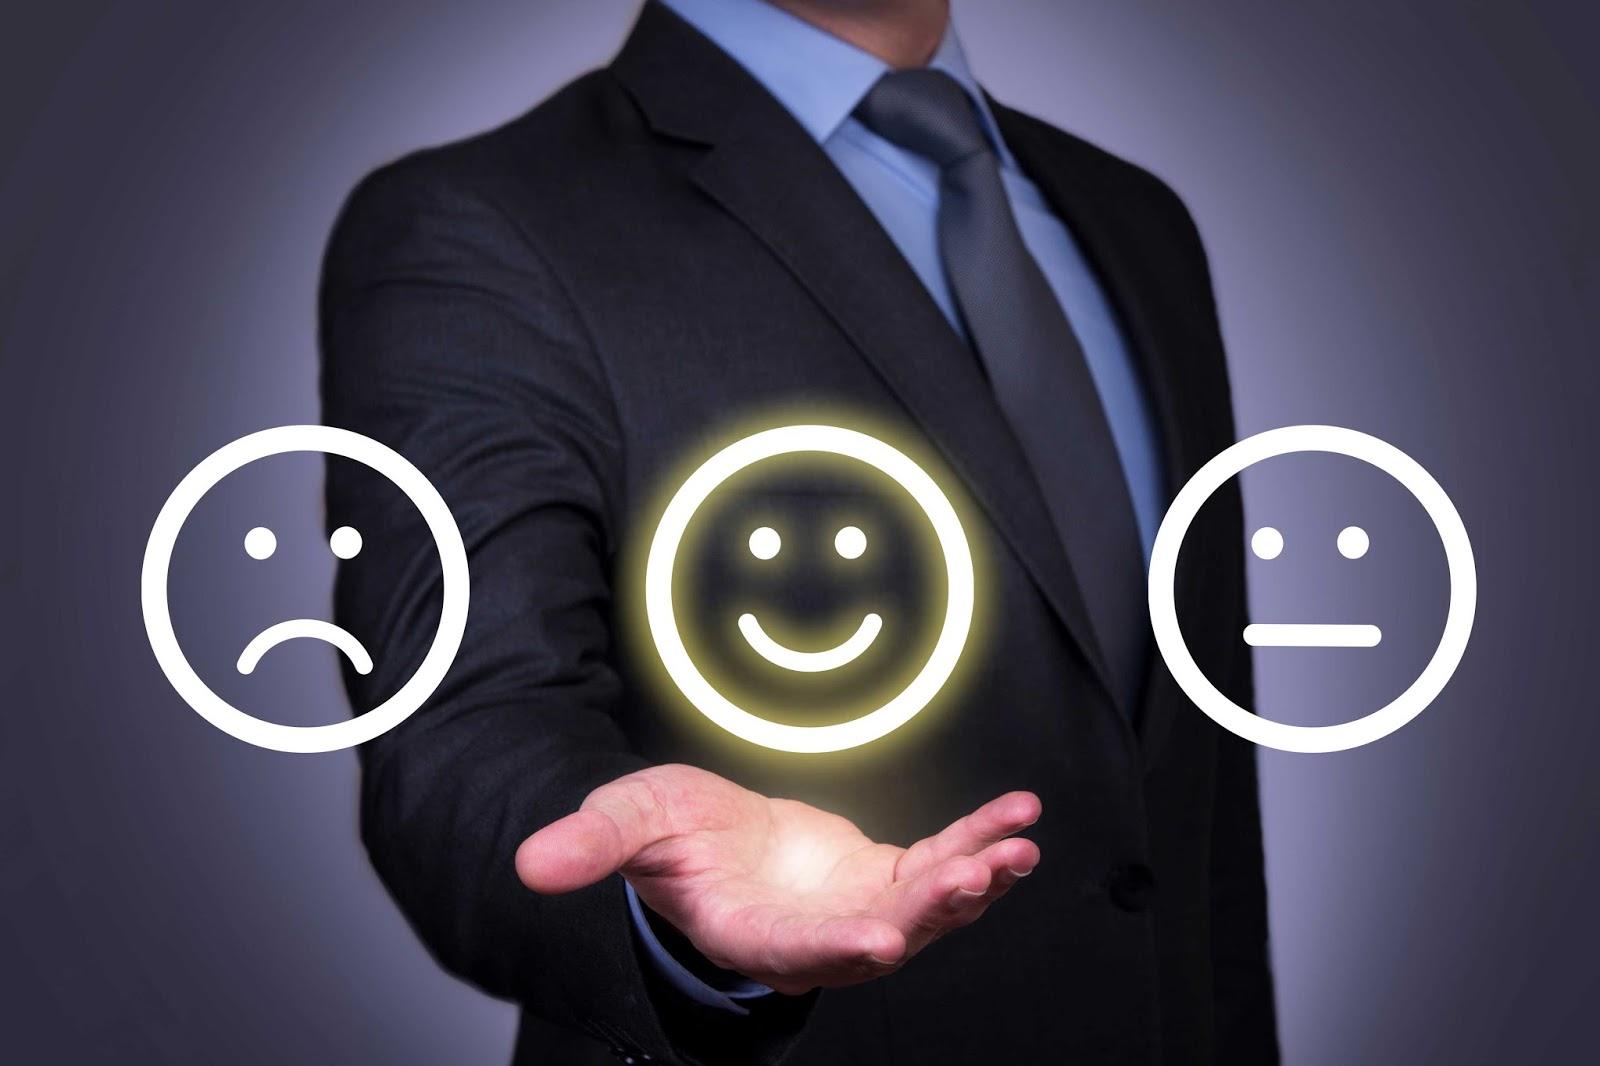 tips cara metode teknik mengetahui tingkat kepuasan pelanggan customer satisfaction teori menurut ahli definisi pengertian arti marketing sales penjualan pemasaran jenis macam survei perilaku pasca pembelian